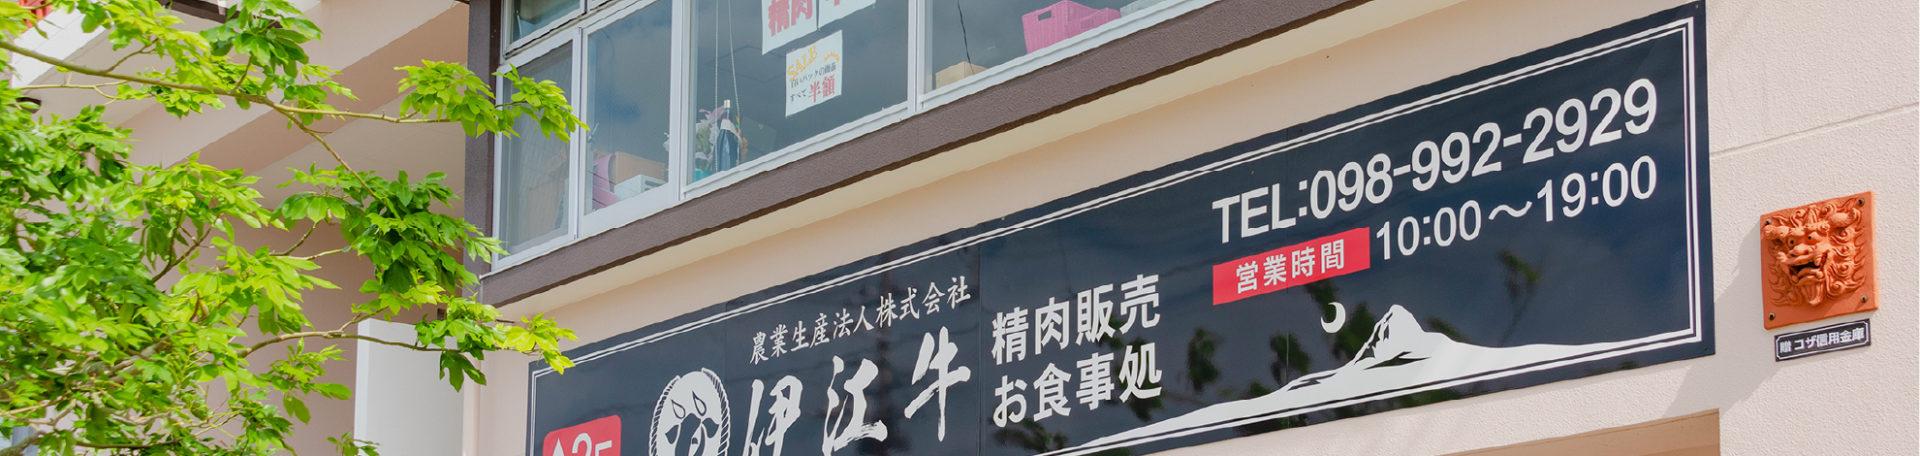 店舗外観・看板